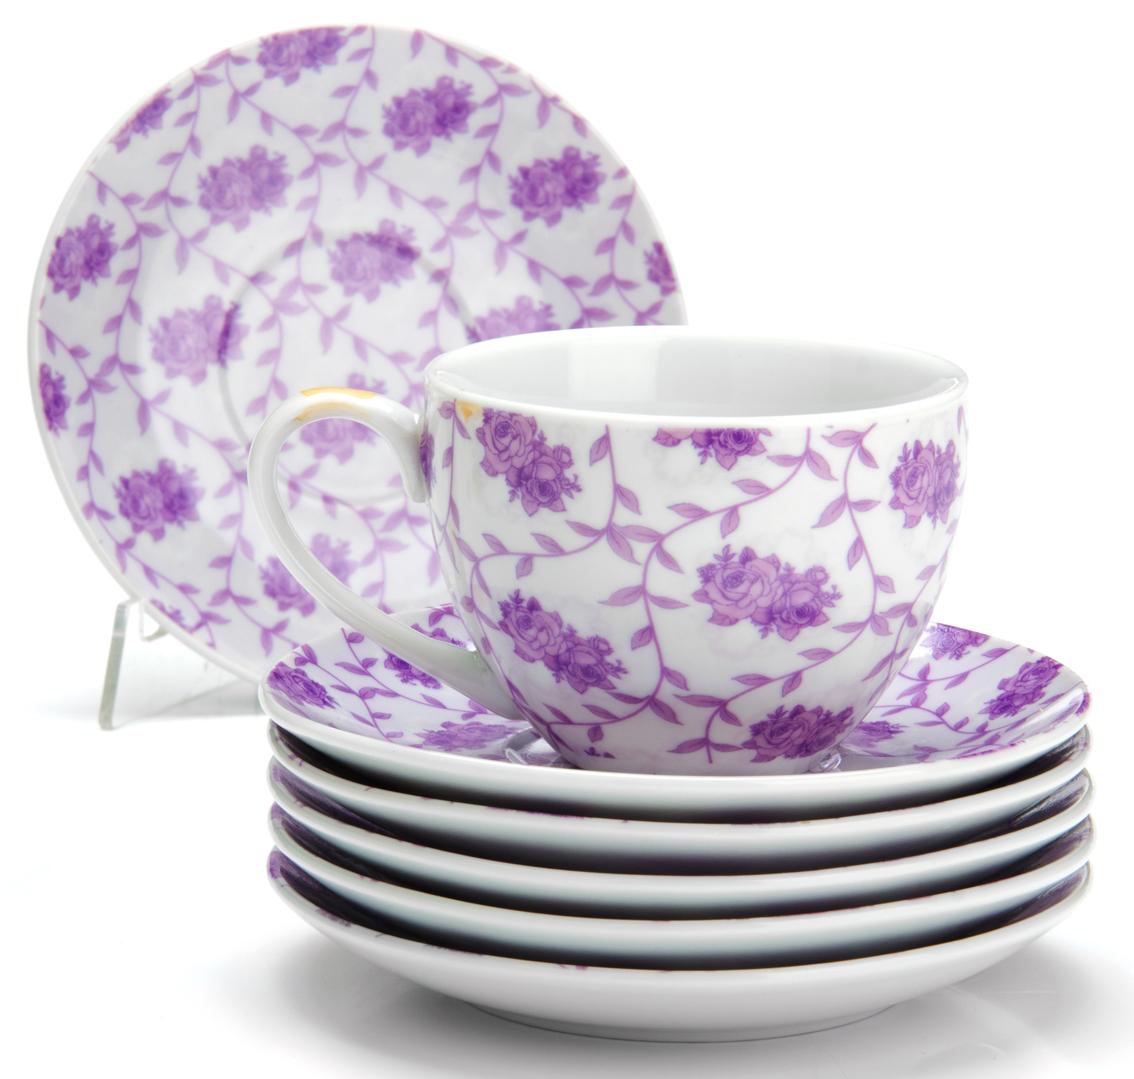 Чайный сервиз Loraine Цветы, 220 мл, 12 предметов. 2592825928Чайный сервиз на 6 персон изготовлен из качественного фарфора и оформлен красивым рисунком. Элегантный и удобный чайный сервиз не только украсит сервировку стола, но и поднимет настроение и превратит процесс чаепития в одно удовольствие.Сервиз состоит из 12 предметов: шести чашек и шести блюдец, упакованных в подарочную коробку. Чашки имеют удобную, изящную ручку.Изделия легко и просто мыть.Диаметр чашки: 9 см.Высота чашки: 7 см.Объем чашки: 220 мл.Диаметр блюдца: 14 см.